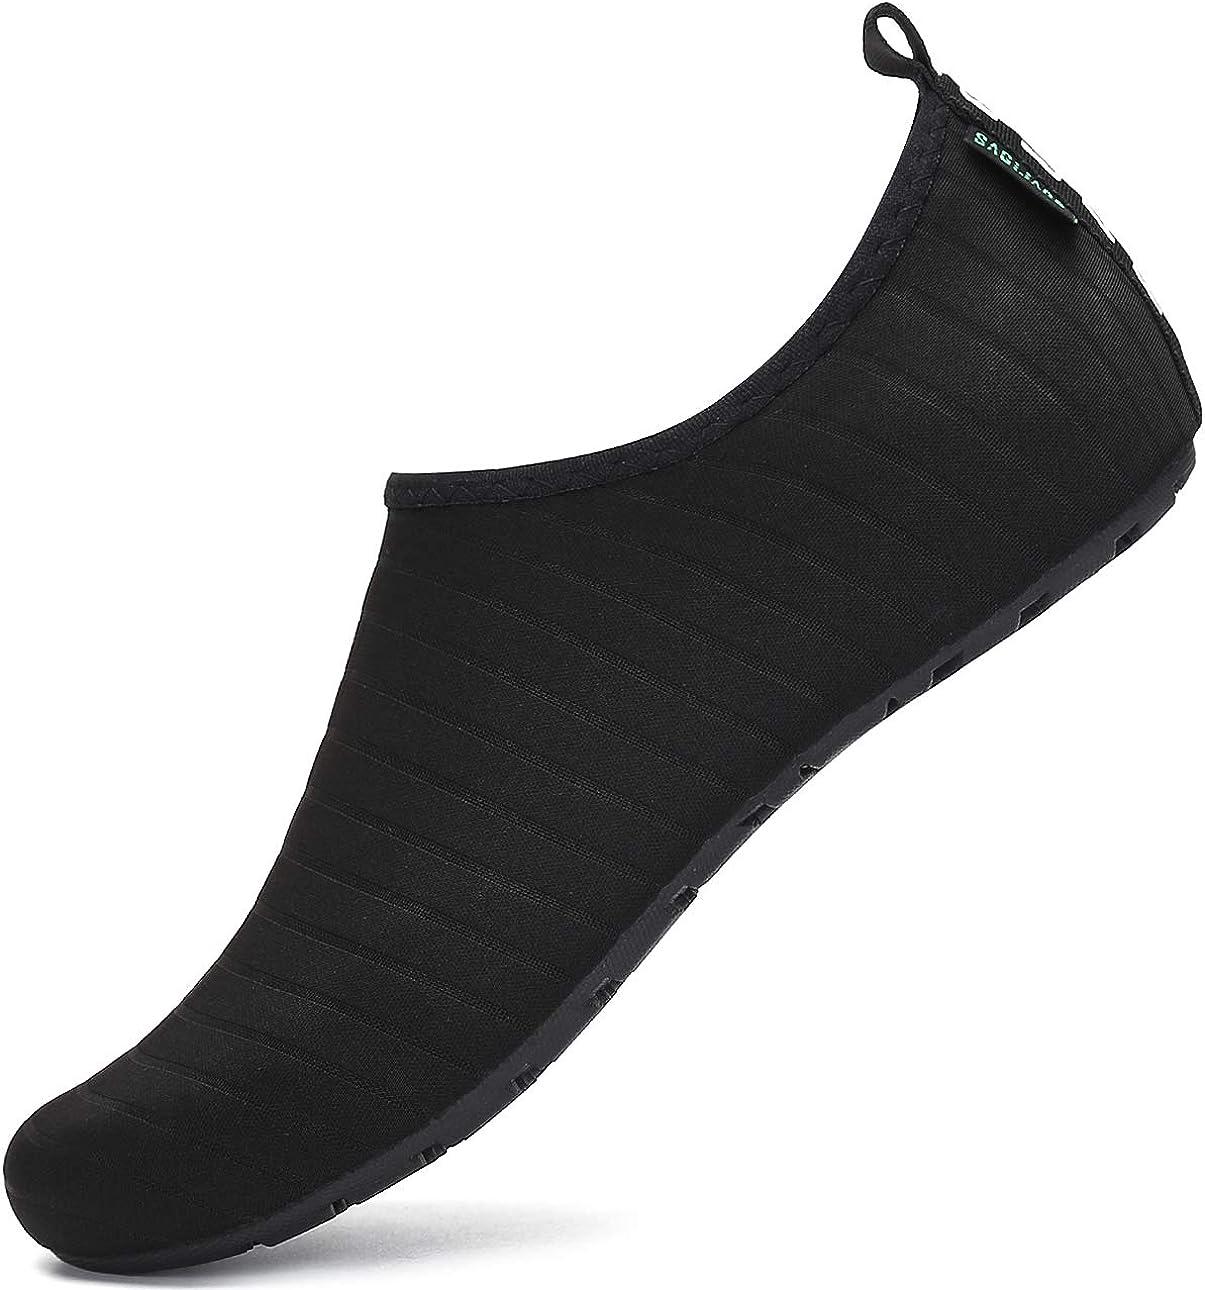 Escarpines Hombre Escarpines Piscina Mujer Secado Rápido Antideslizante Zapatos para Deportes Acuaticos Gr.37-47